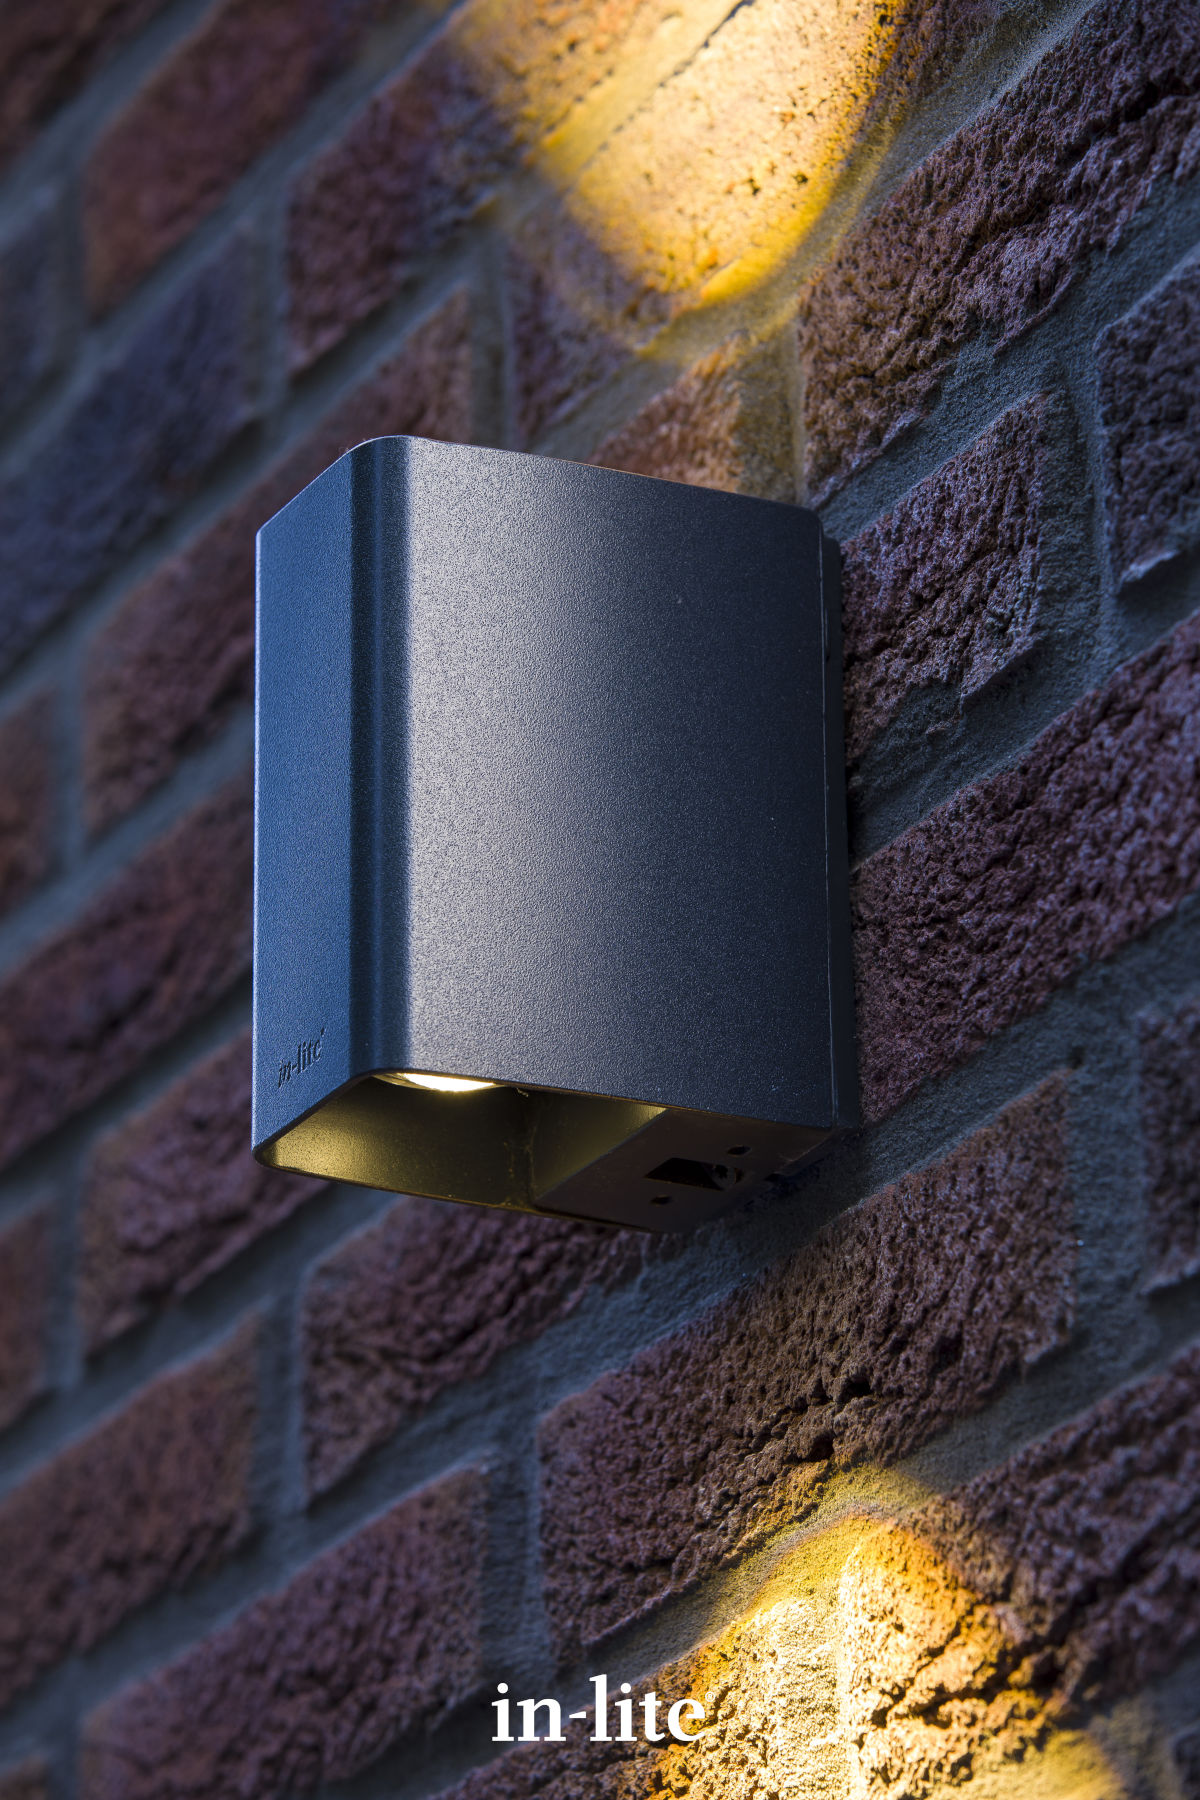 Laat je huis opvallen met tuinverlichting van In-Lite